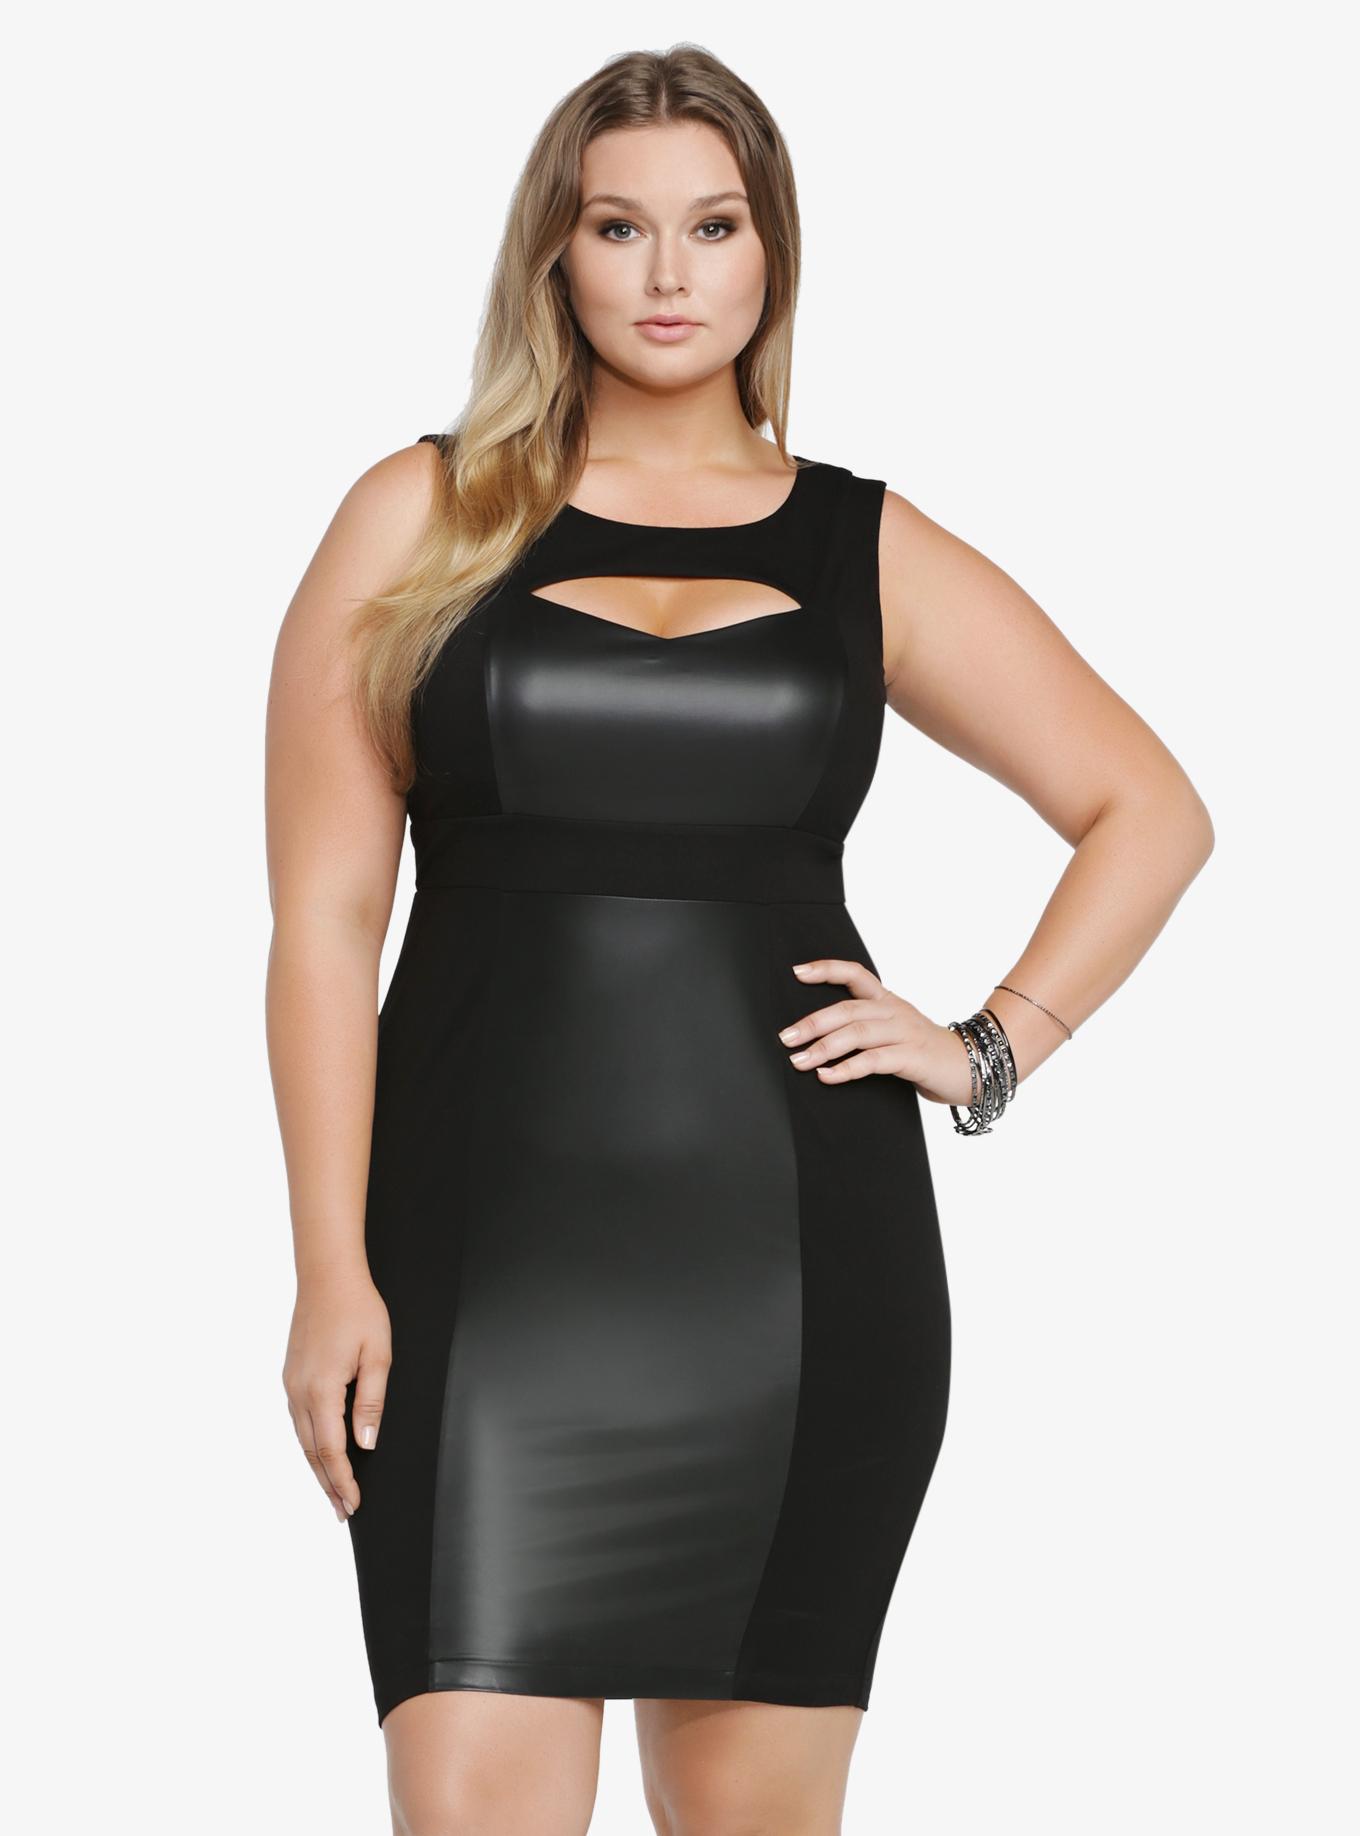 Bodycon costco dresses at buy where